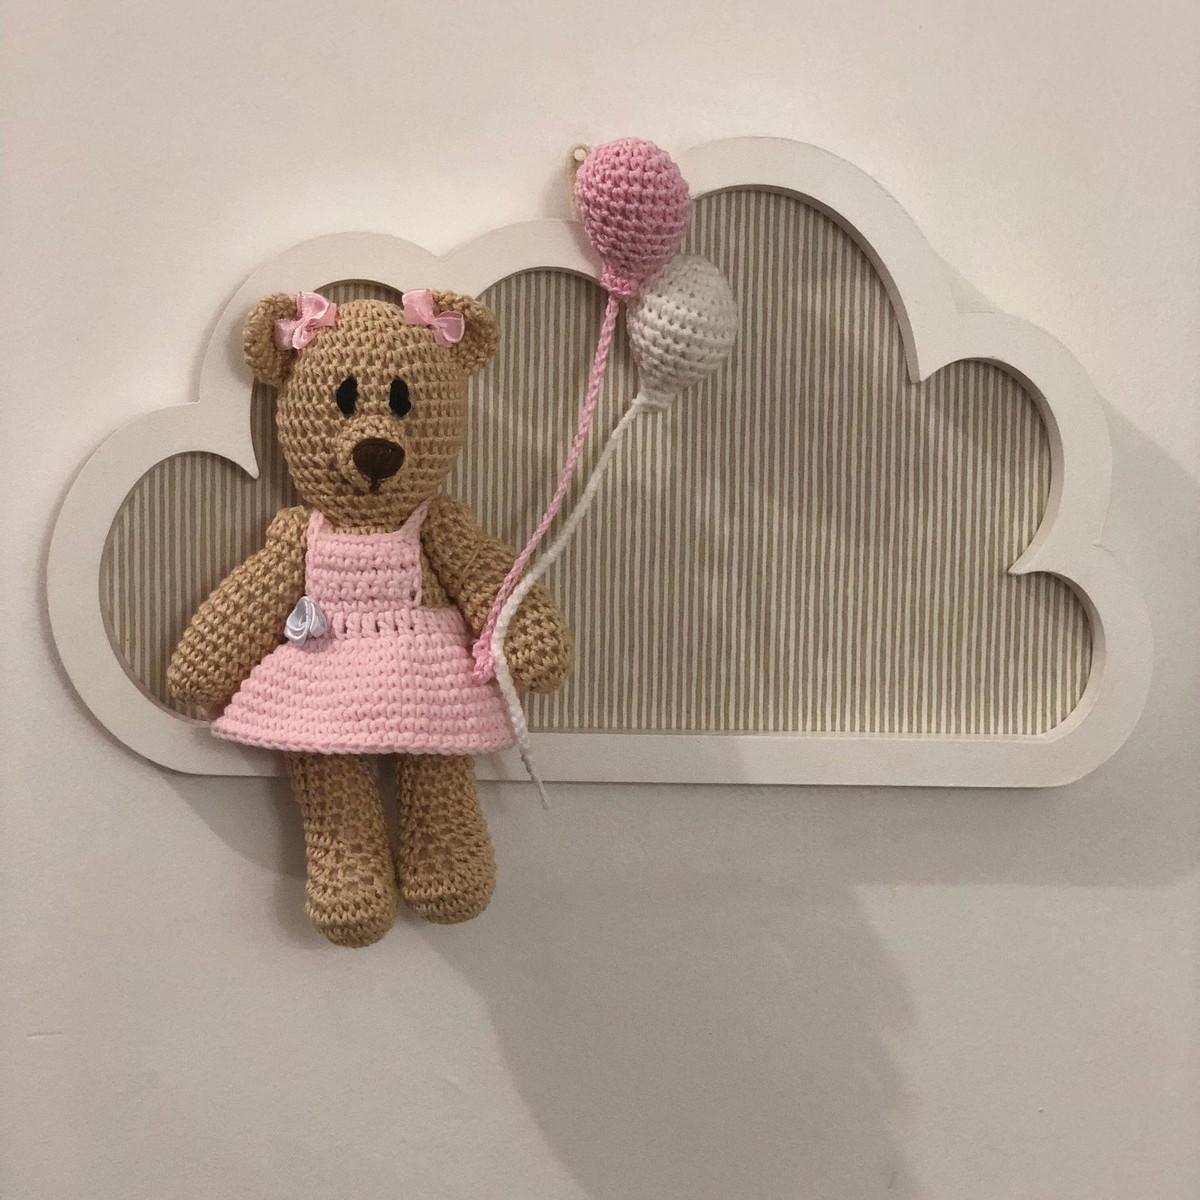 Enfeite Porta de Maternidade - Amigurumi no Elo7 | Lolo Bunny (E08C5B) | 1200x1200